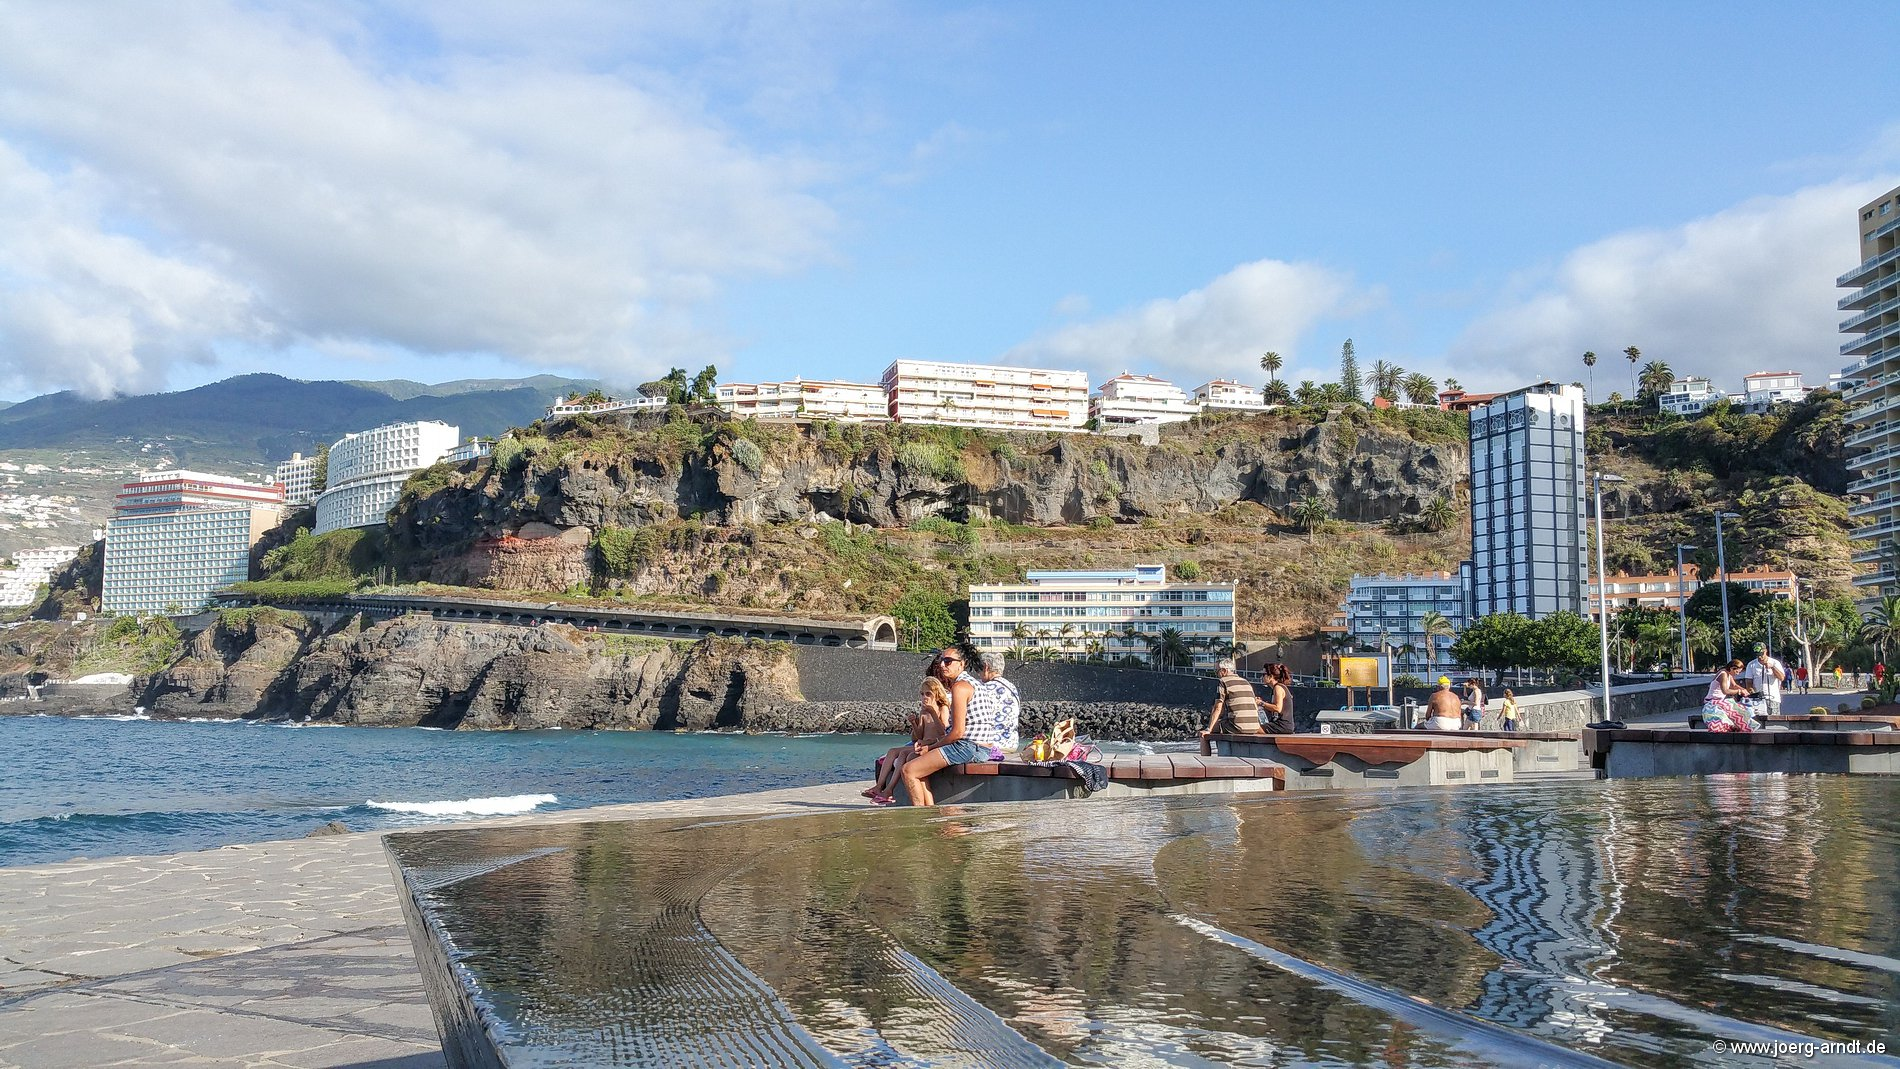 Stadtrundgang zu den sehensw rdigkeiten von puerto de la - Puerto de la cruz sehenswurdigkeiten ...